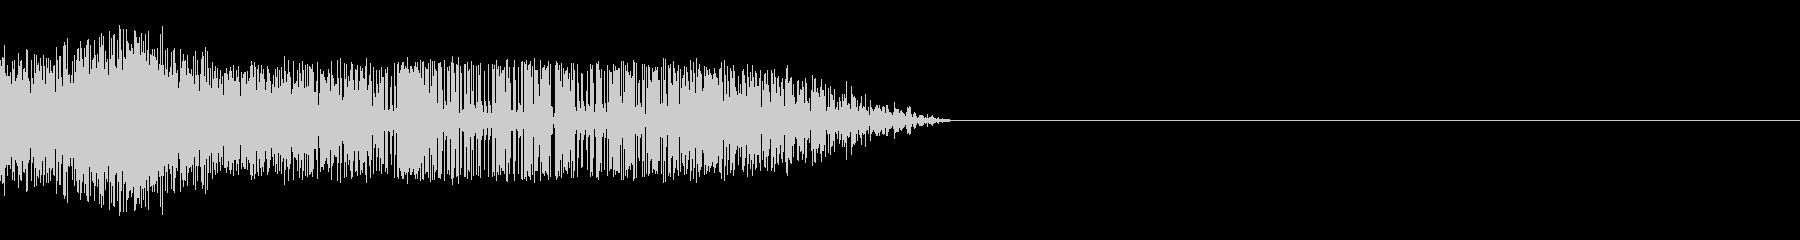 シャッ(スライディング/滑る/ひっかく)の未再生の波形